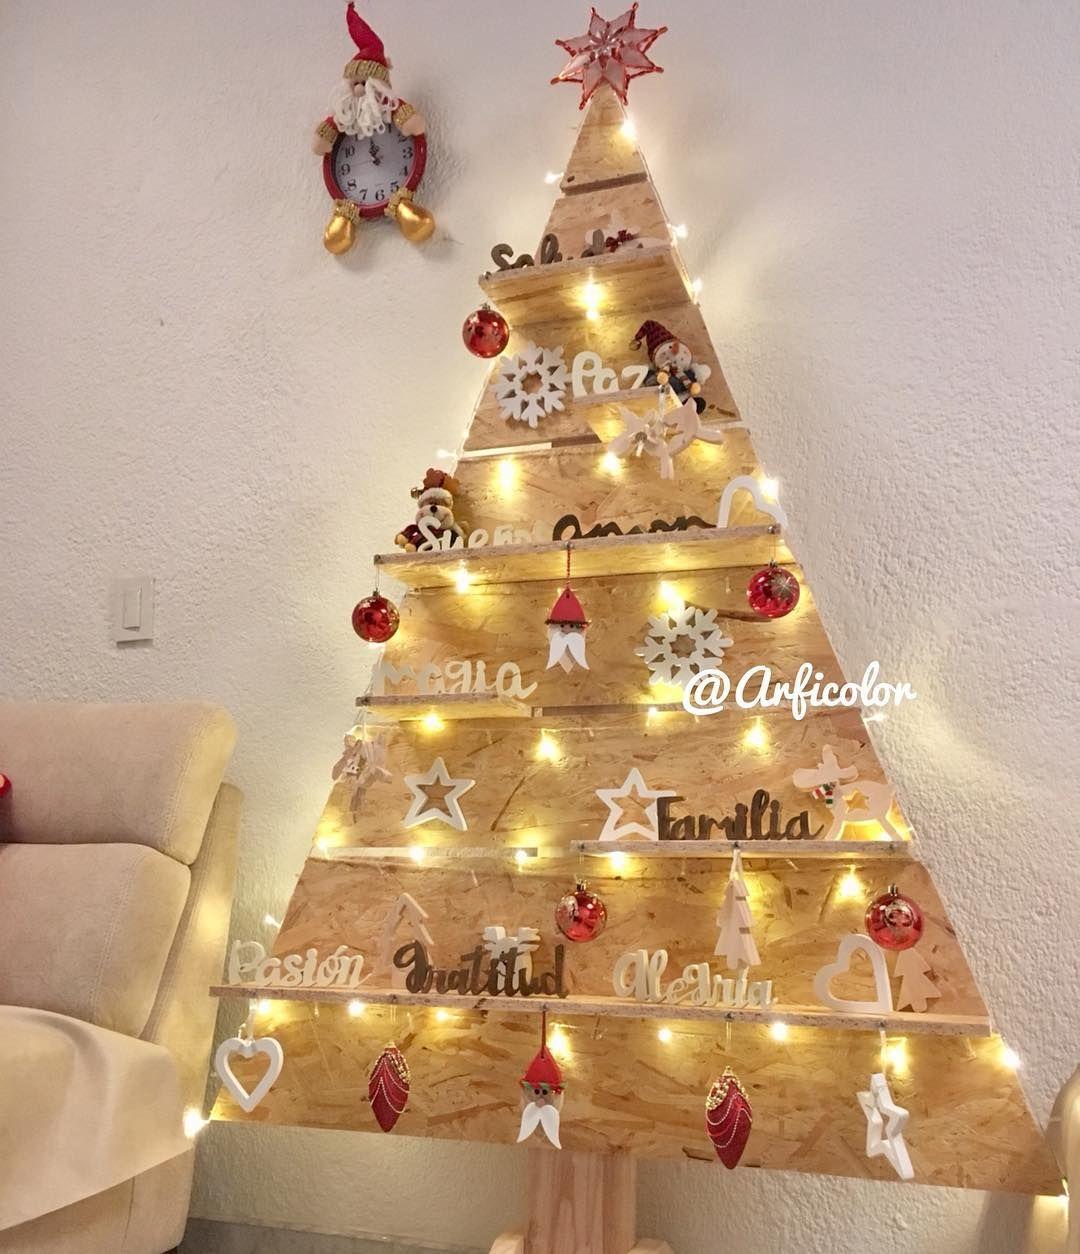 Empezamos a recibir pedidos de navidad. 🎄🎁❤️🎅🏽🤶🏻 • • #Arficolor #HechoConAmor  #Love #Decoracion #Xmas #Navidad #Navidad2019 #HechoaMano #NavidadOriginal